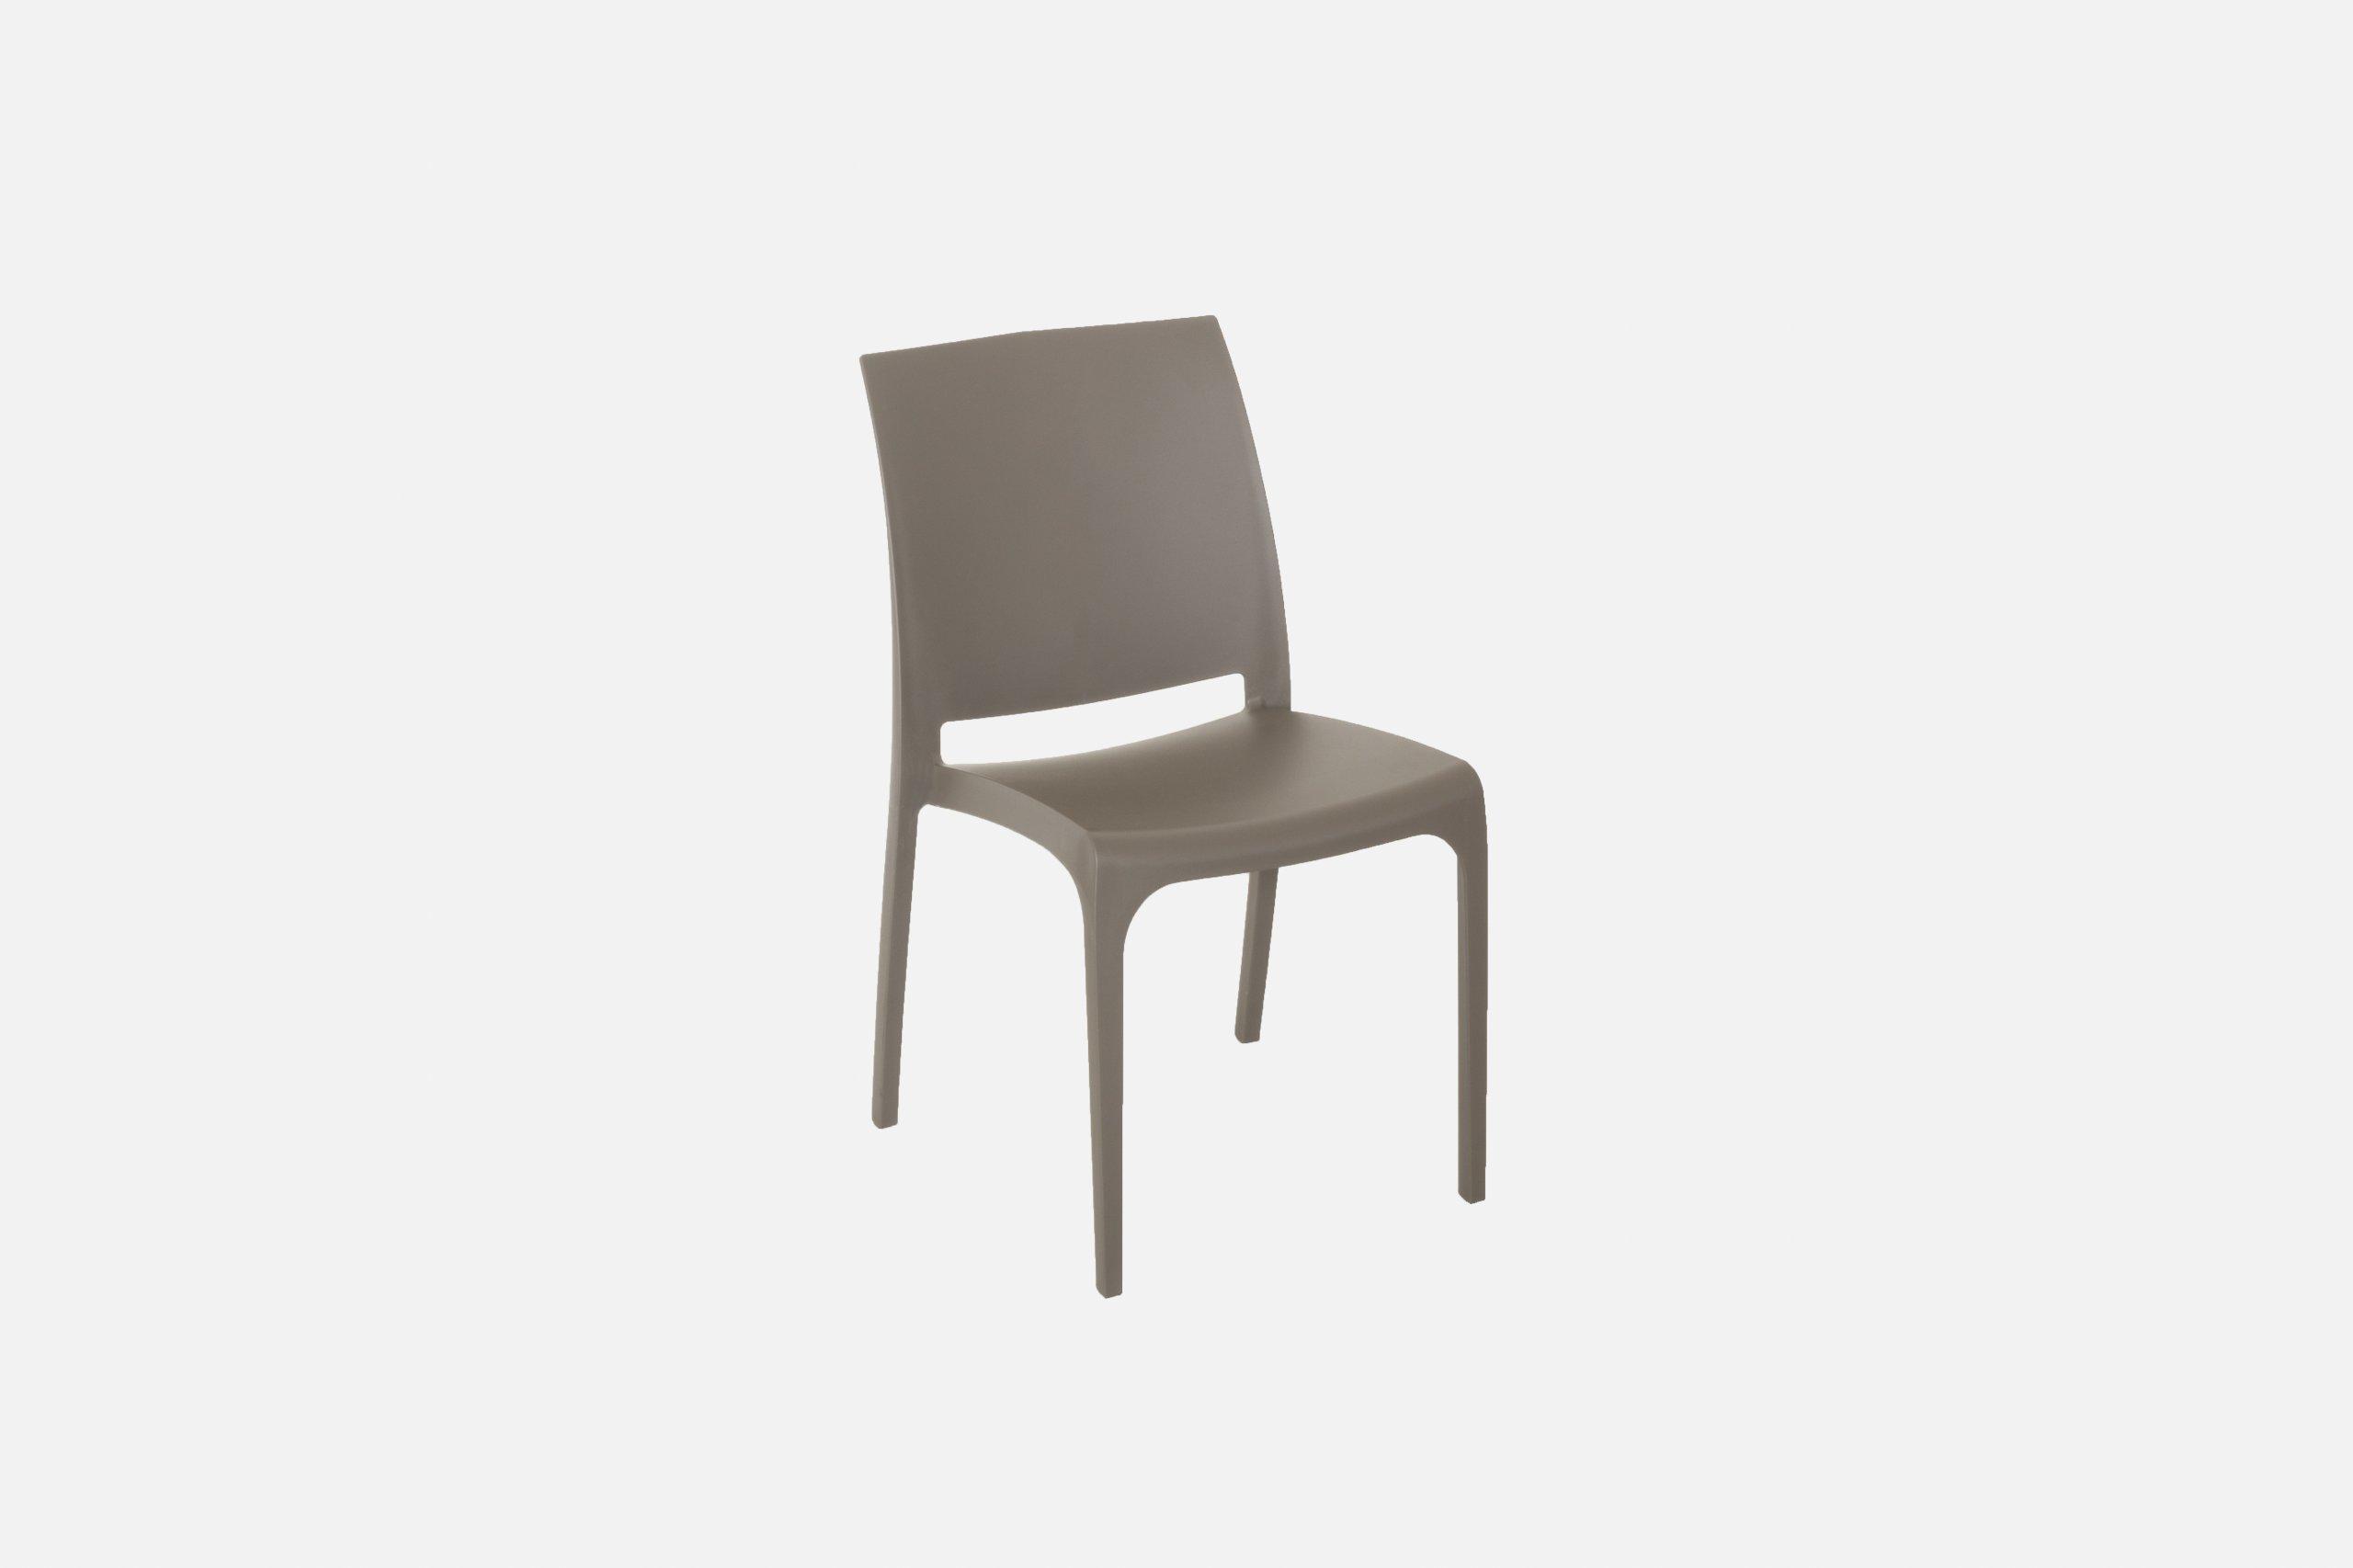 Moderné Stoličky VOLGA Hnedé taliansky Produkt